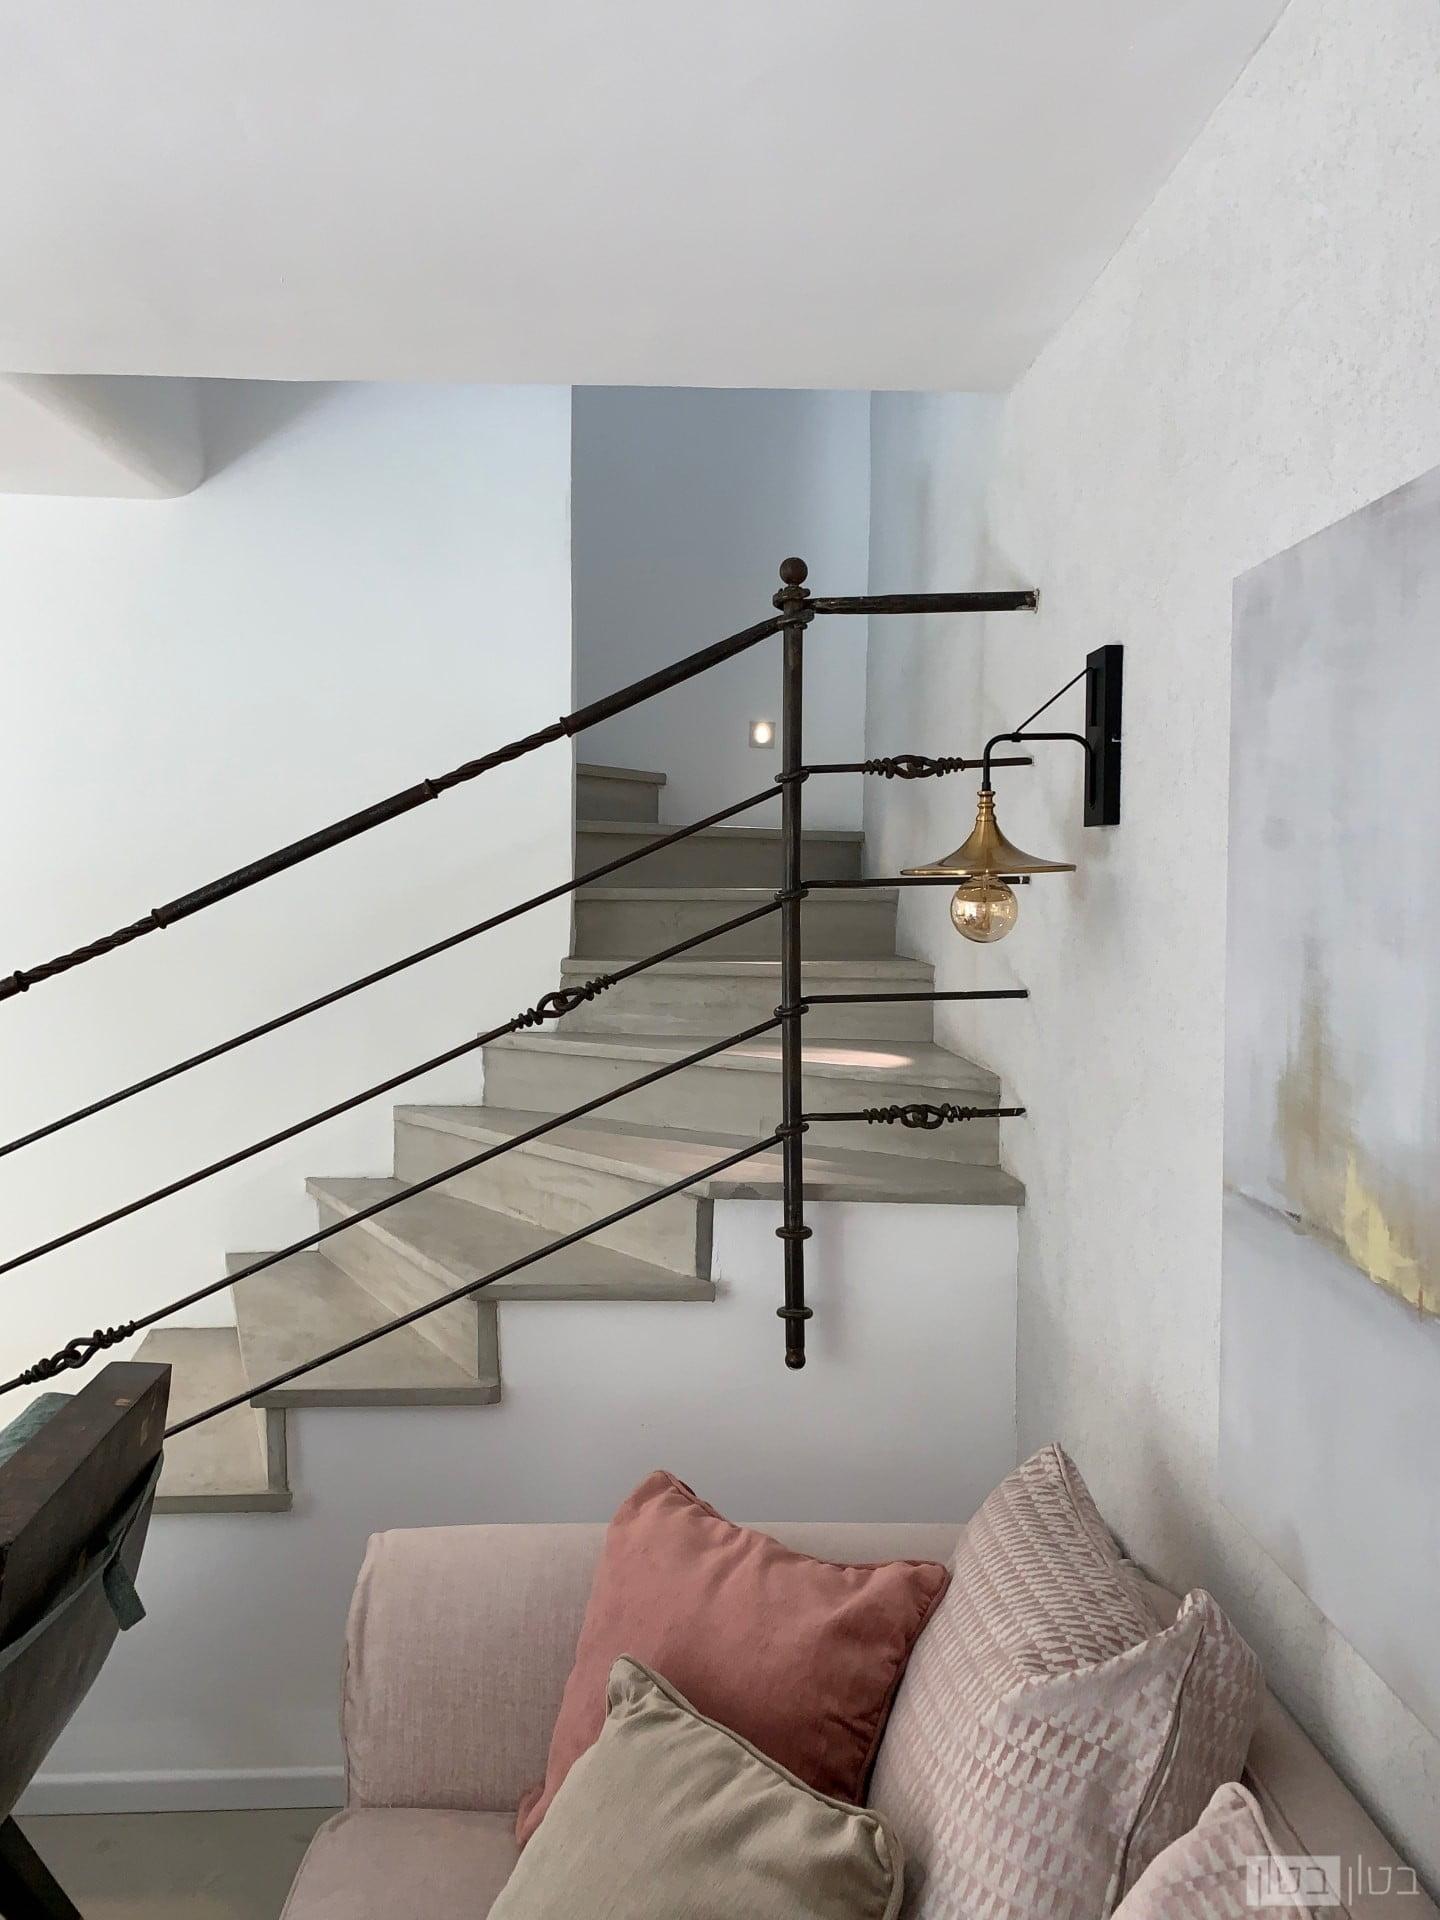 מדרגות בטון בגוון אפור